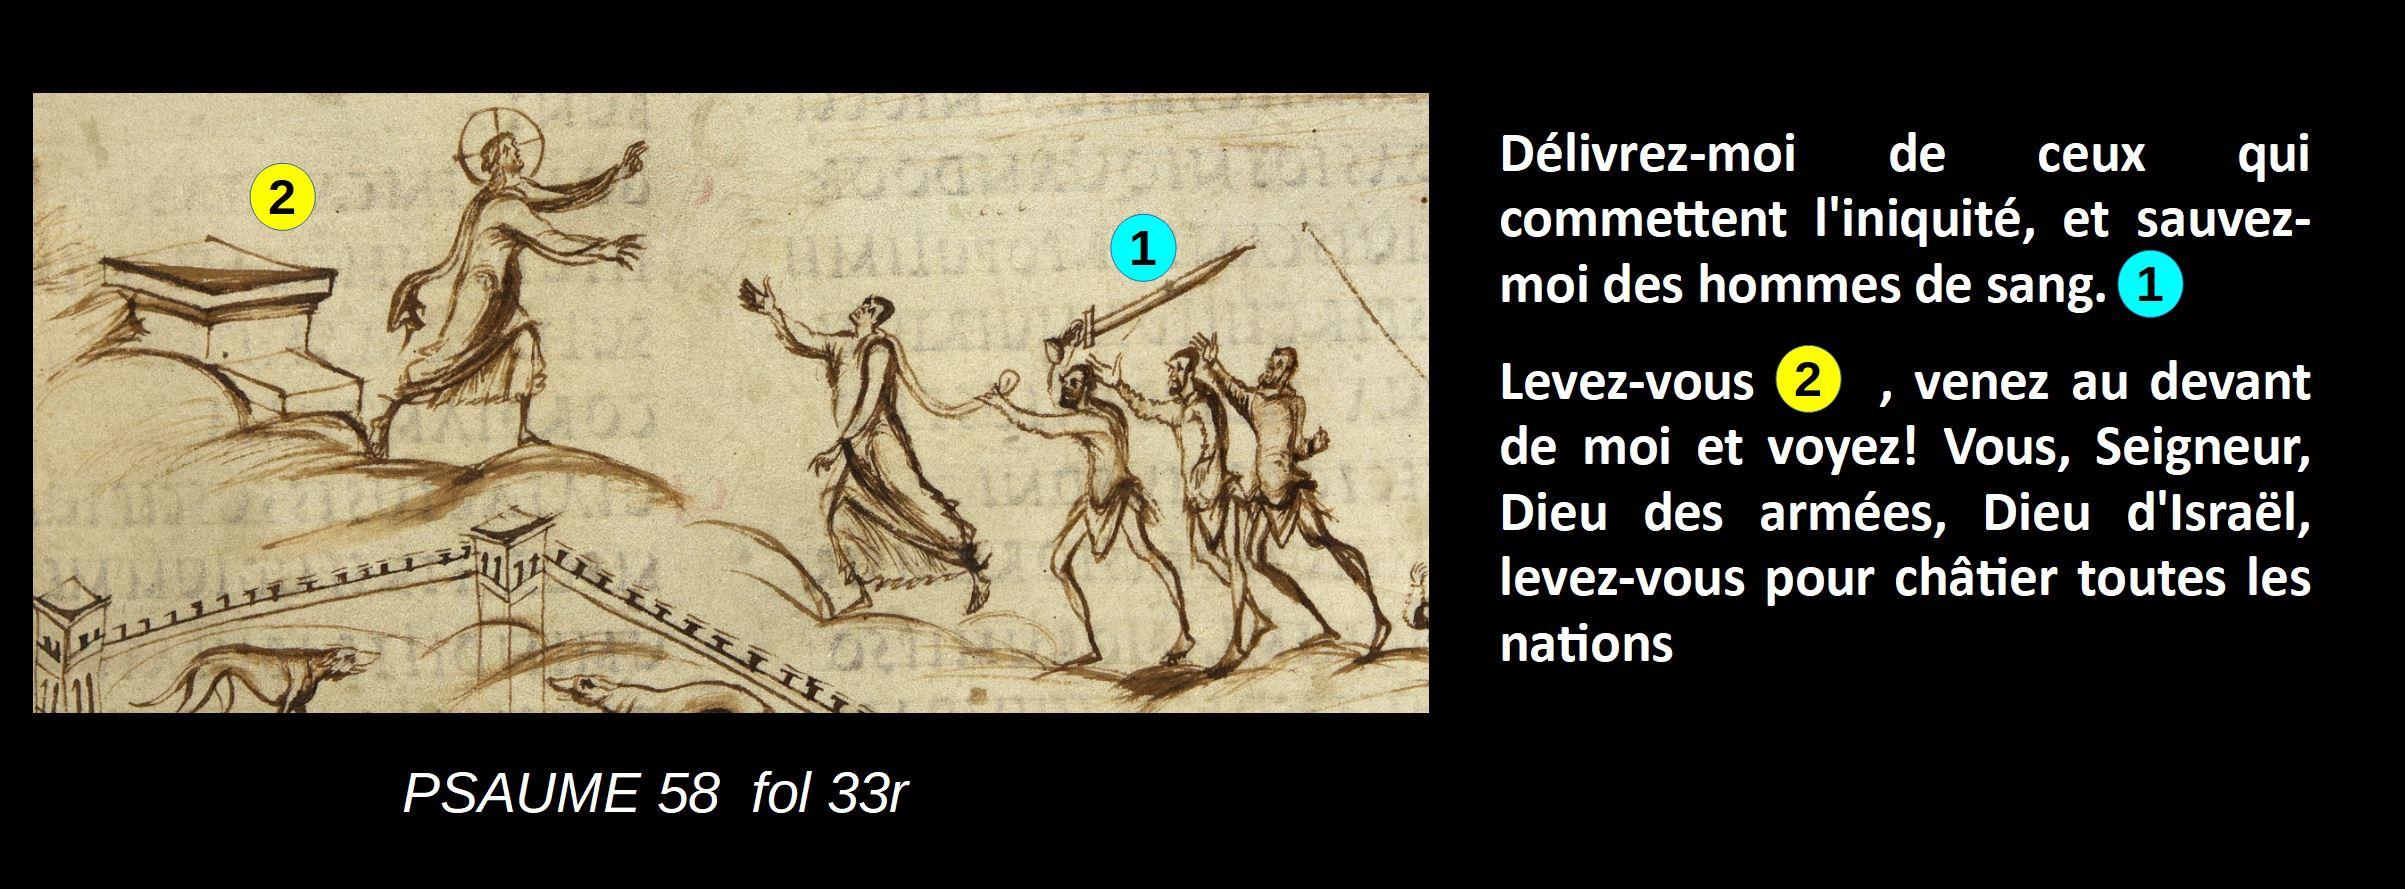 Utrecht Psalter PSAUME 58 fol 33r schema